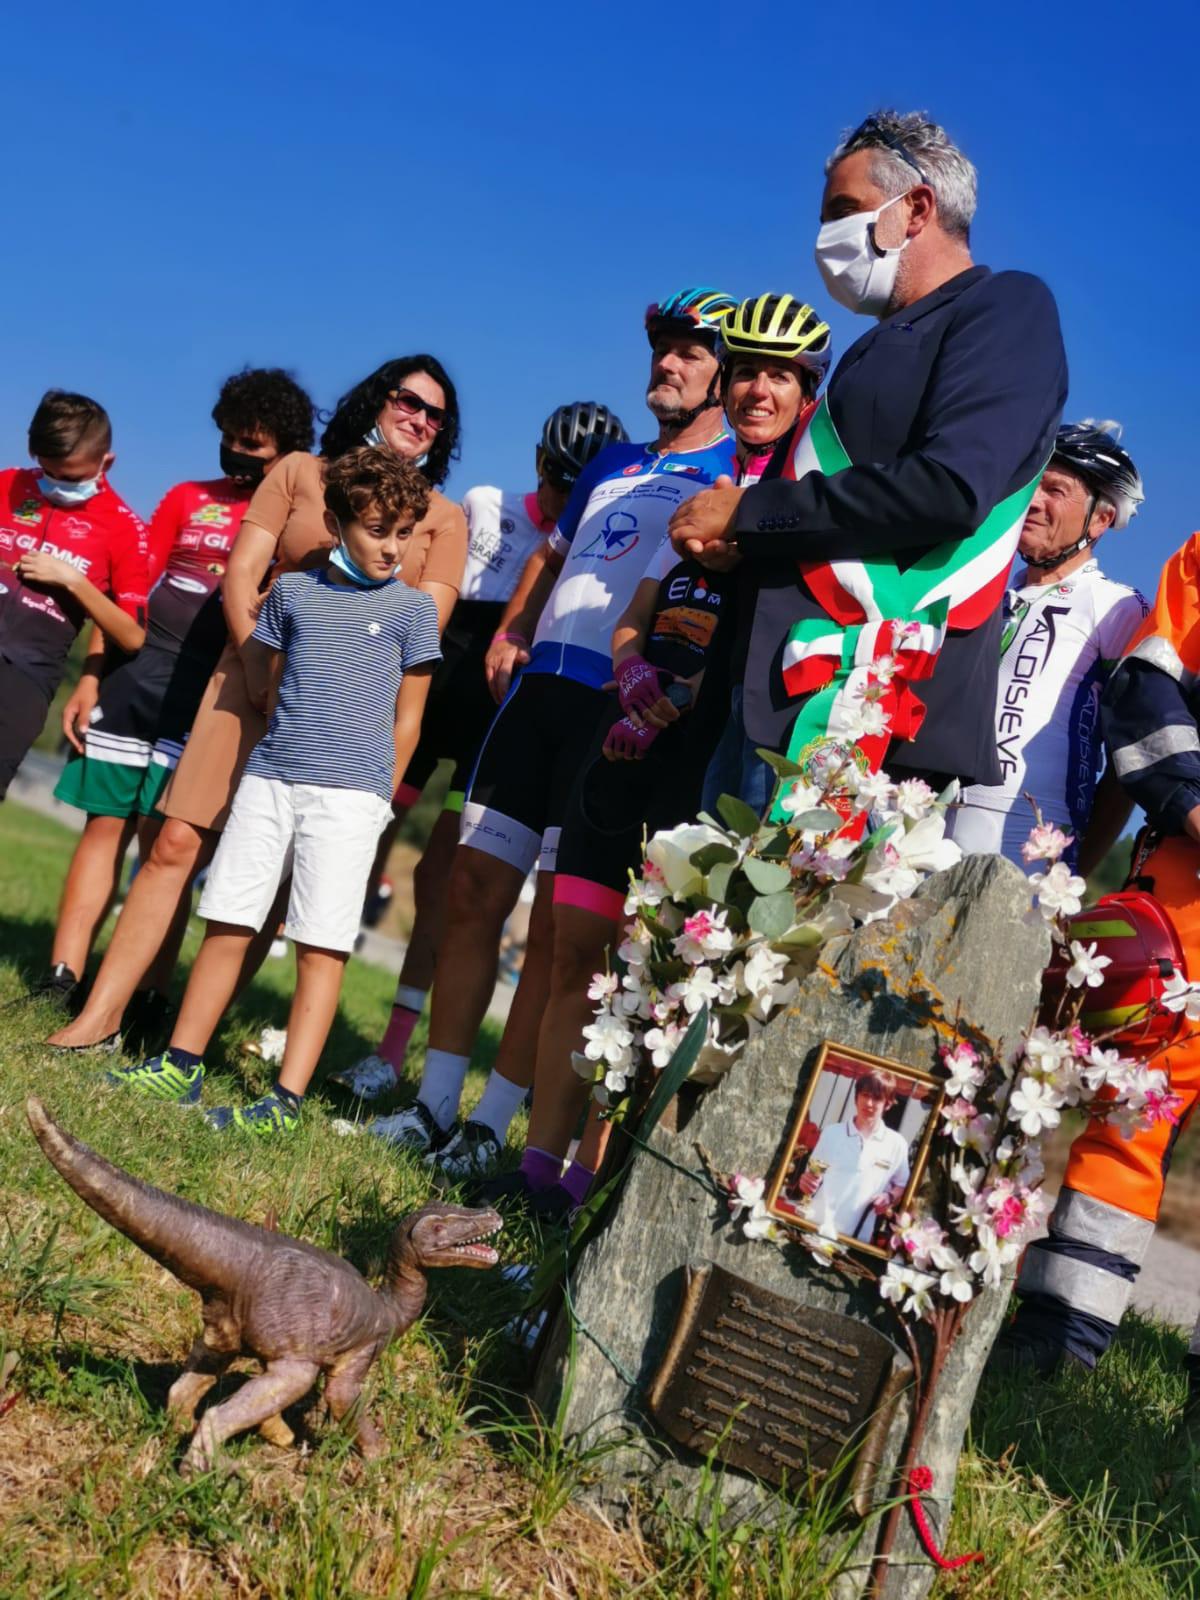 La lapide commemorativa per Tommy Cavorso, 14enne investito da un auto mentre  durante un giro in bici